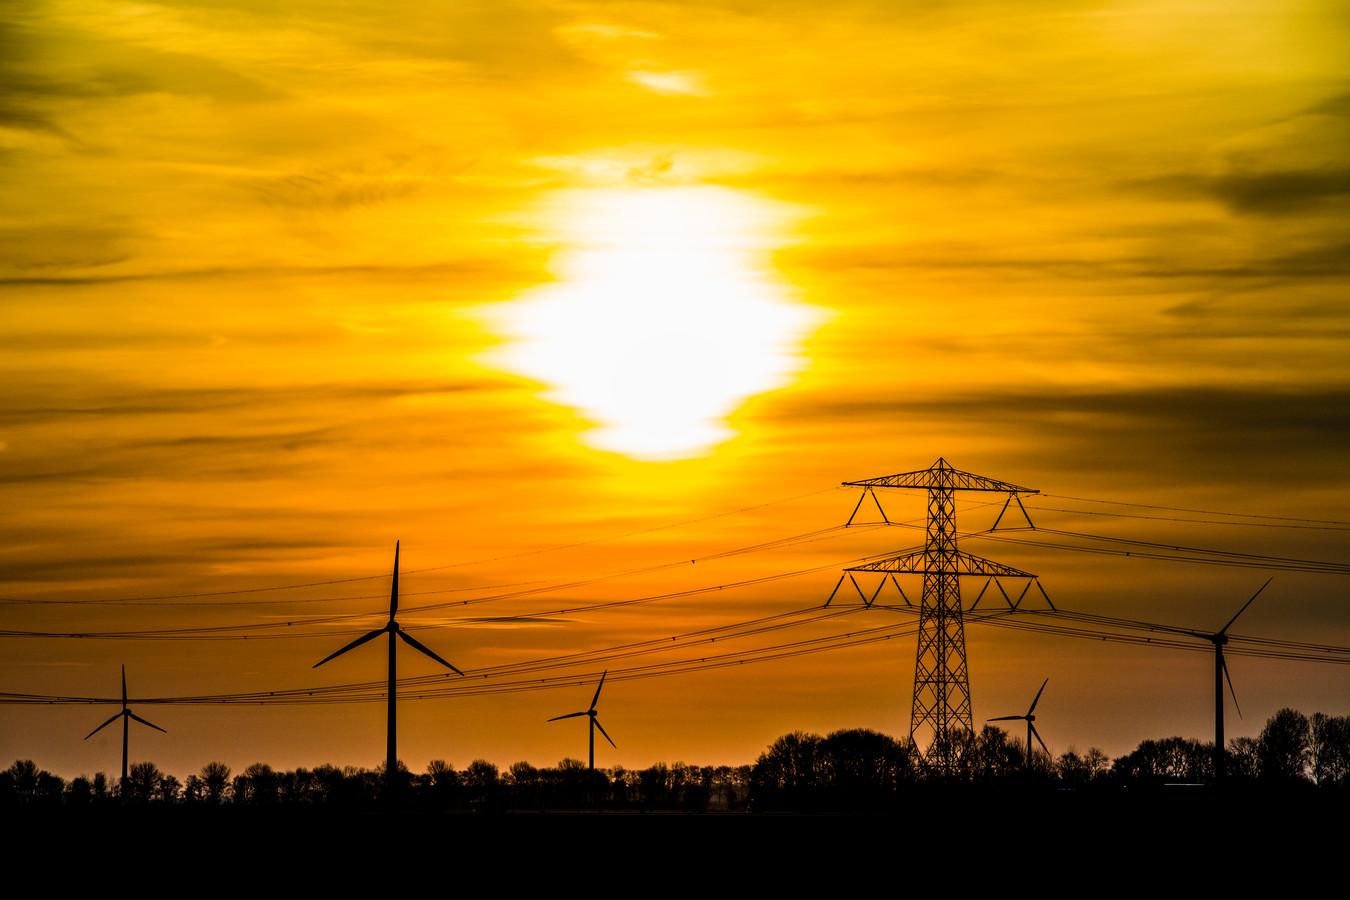 WMO: Wij zijn de eerste generatie zijn die de opwarming van de aarde volledig begrijpt en de laatste generatie die in staat is er iets aan te doen.